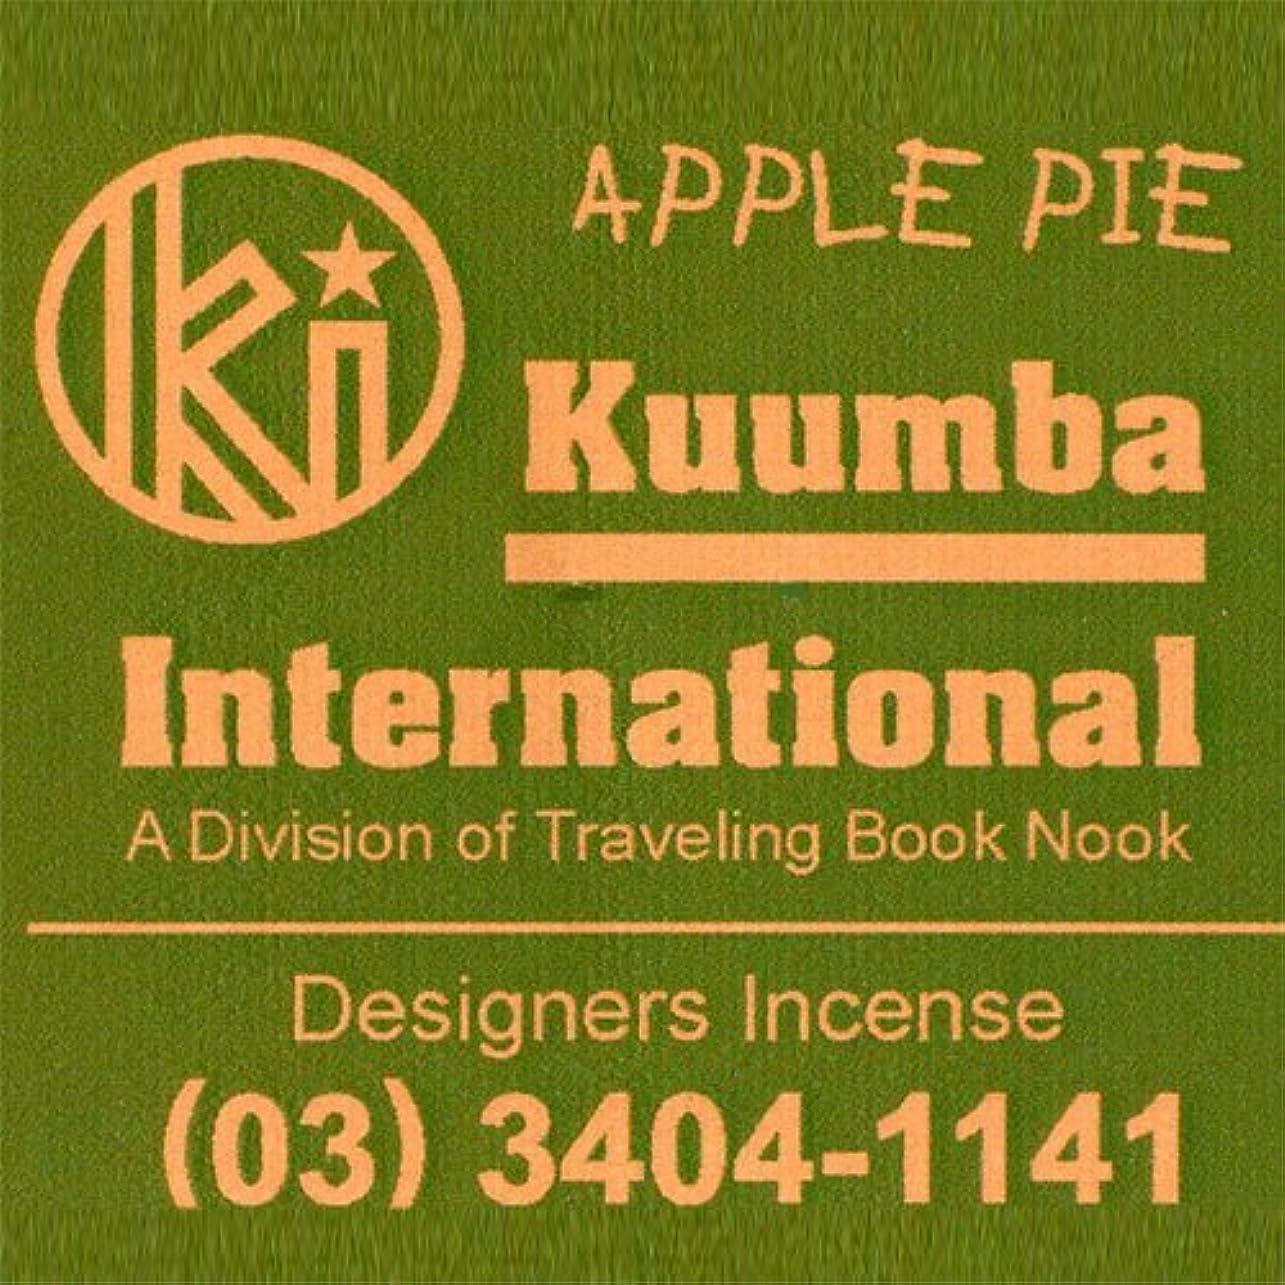 事務所シュリンク準備したKUUMBA / クンバ『incense』(APPLE PIE) (Regular size)